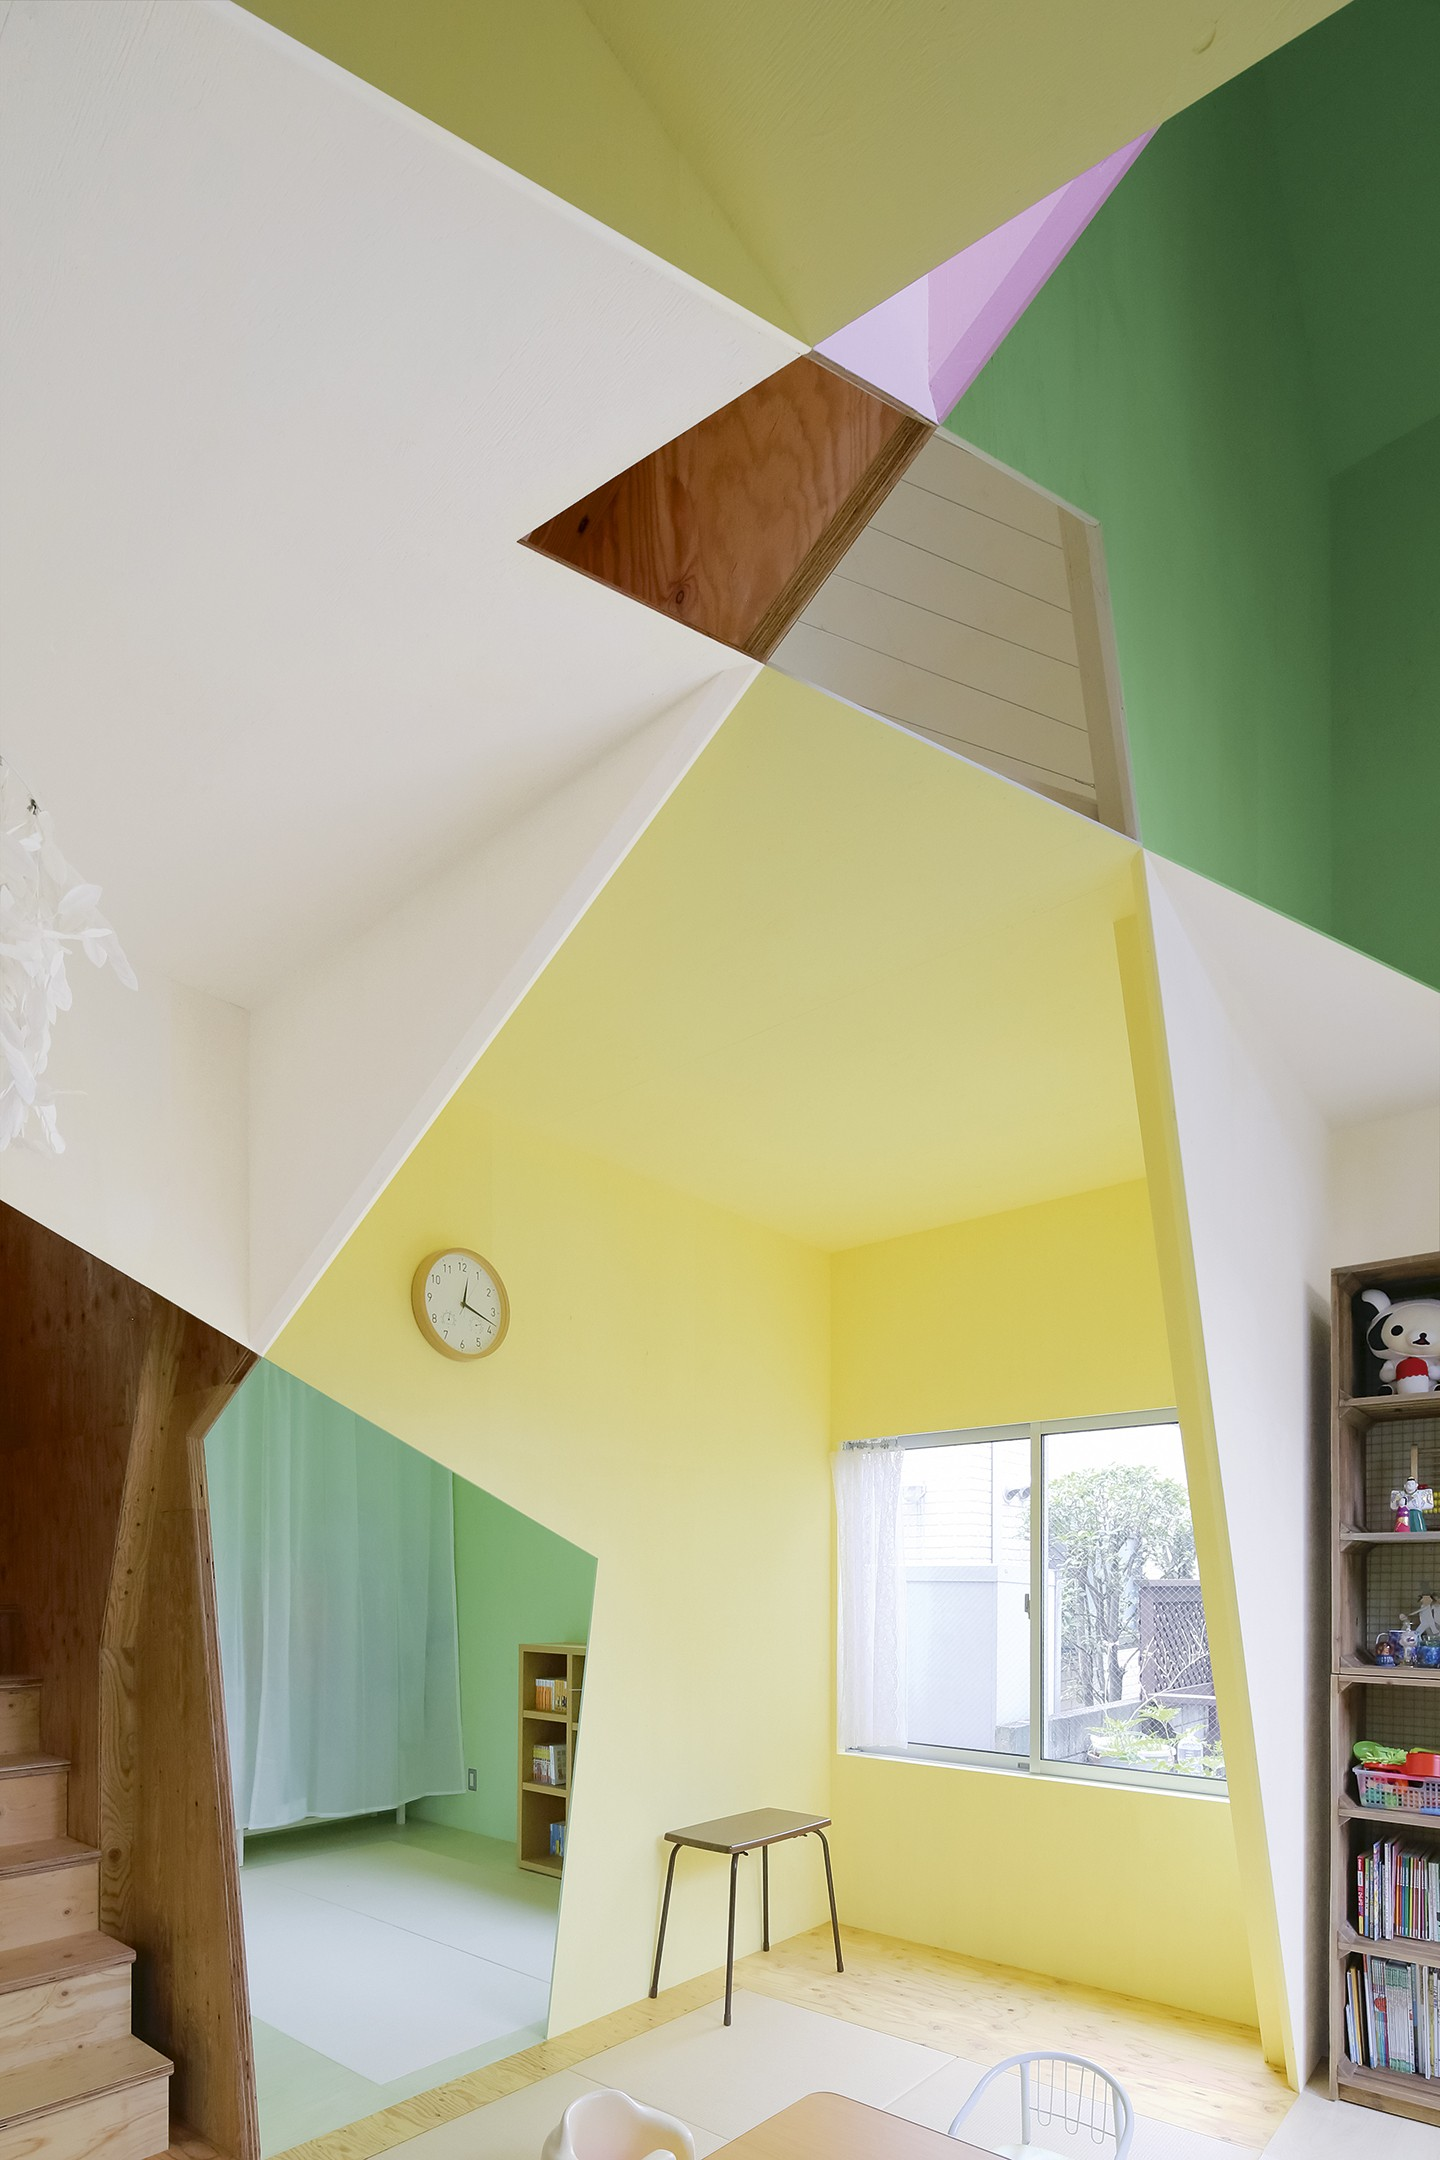 Casa de 79 m² em Tóquio surpreende com uso geométrico das cores (Foto: Kazuyasu Kochi/Divulgação)